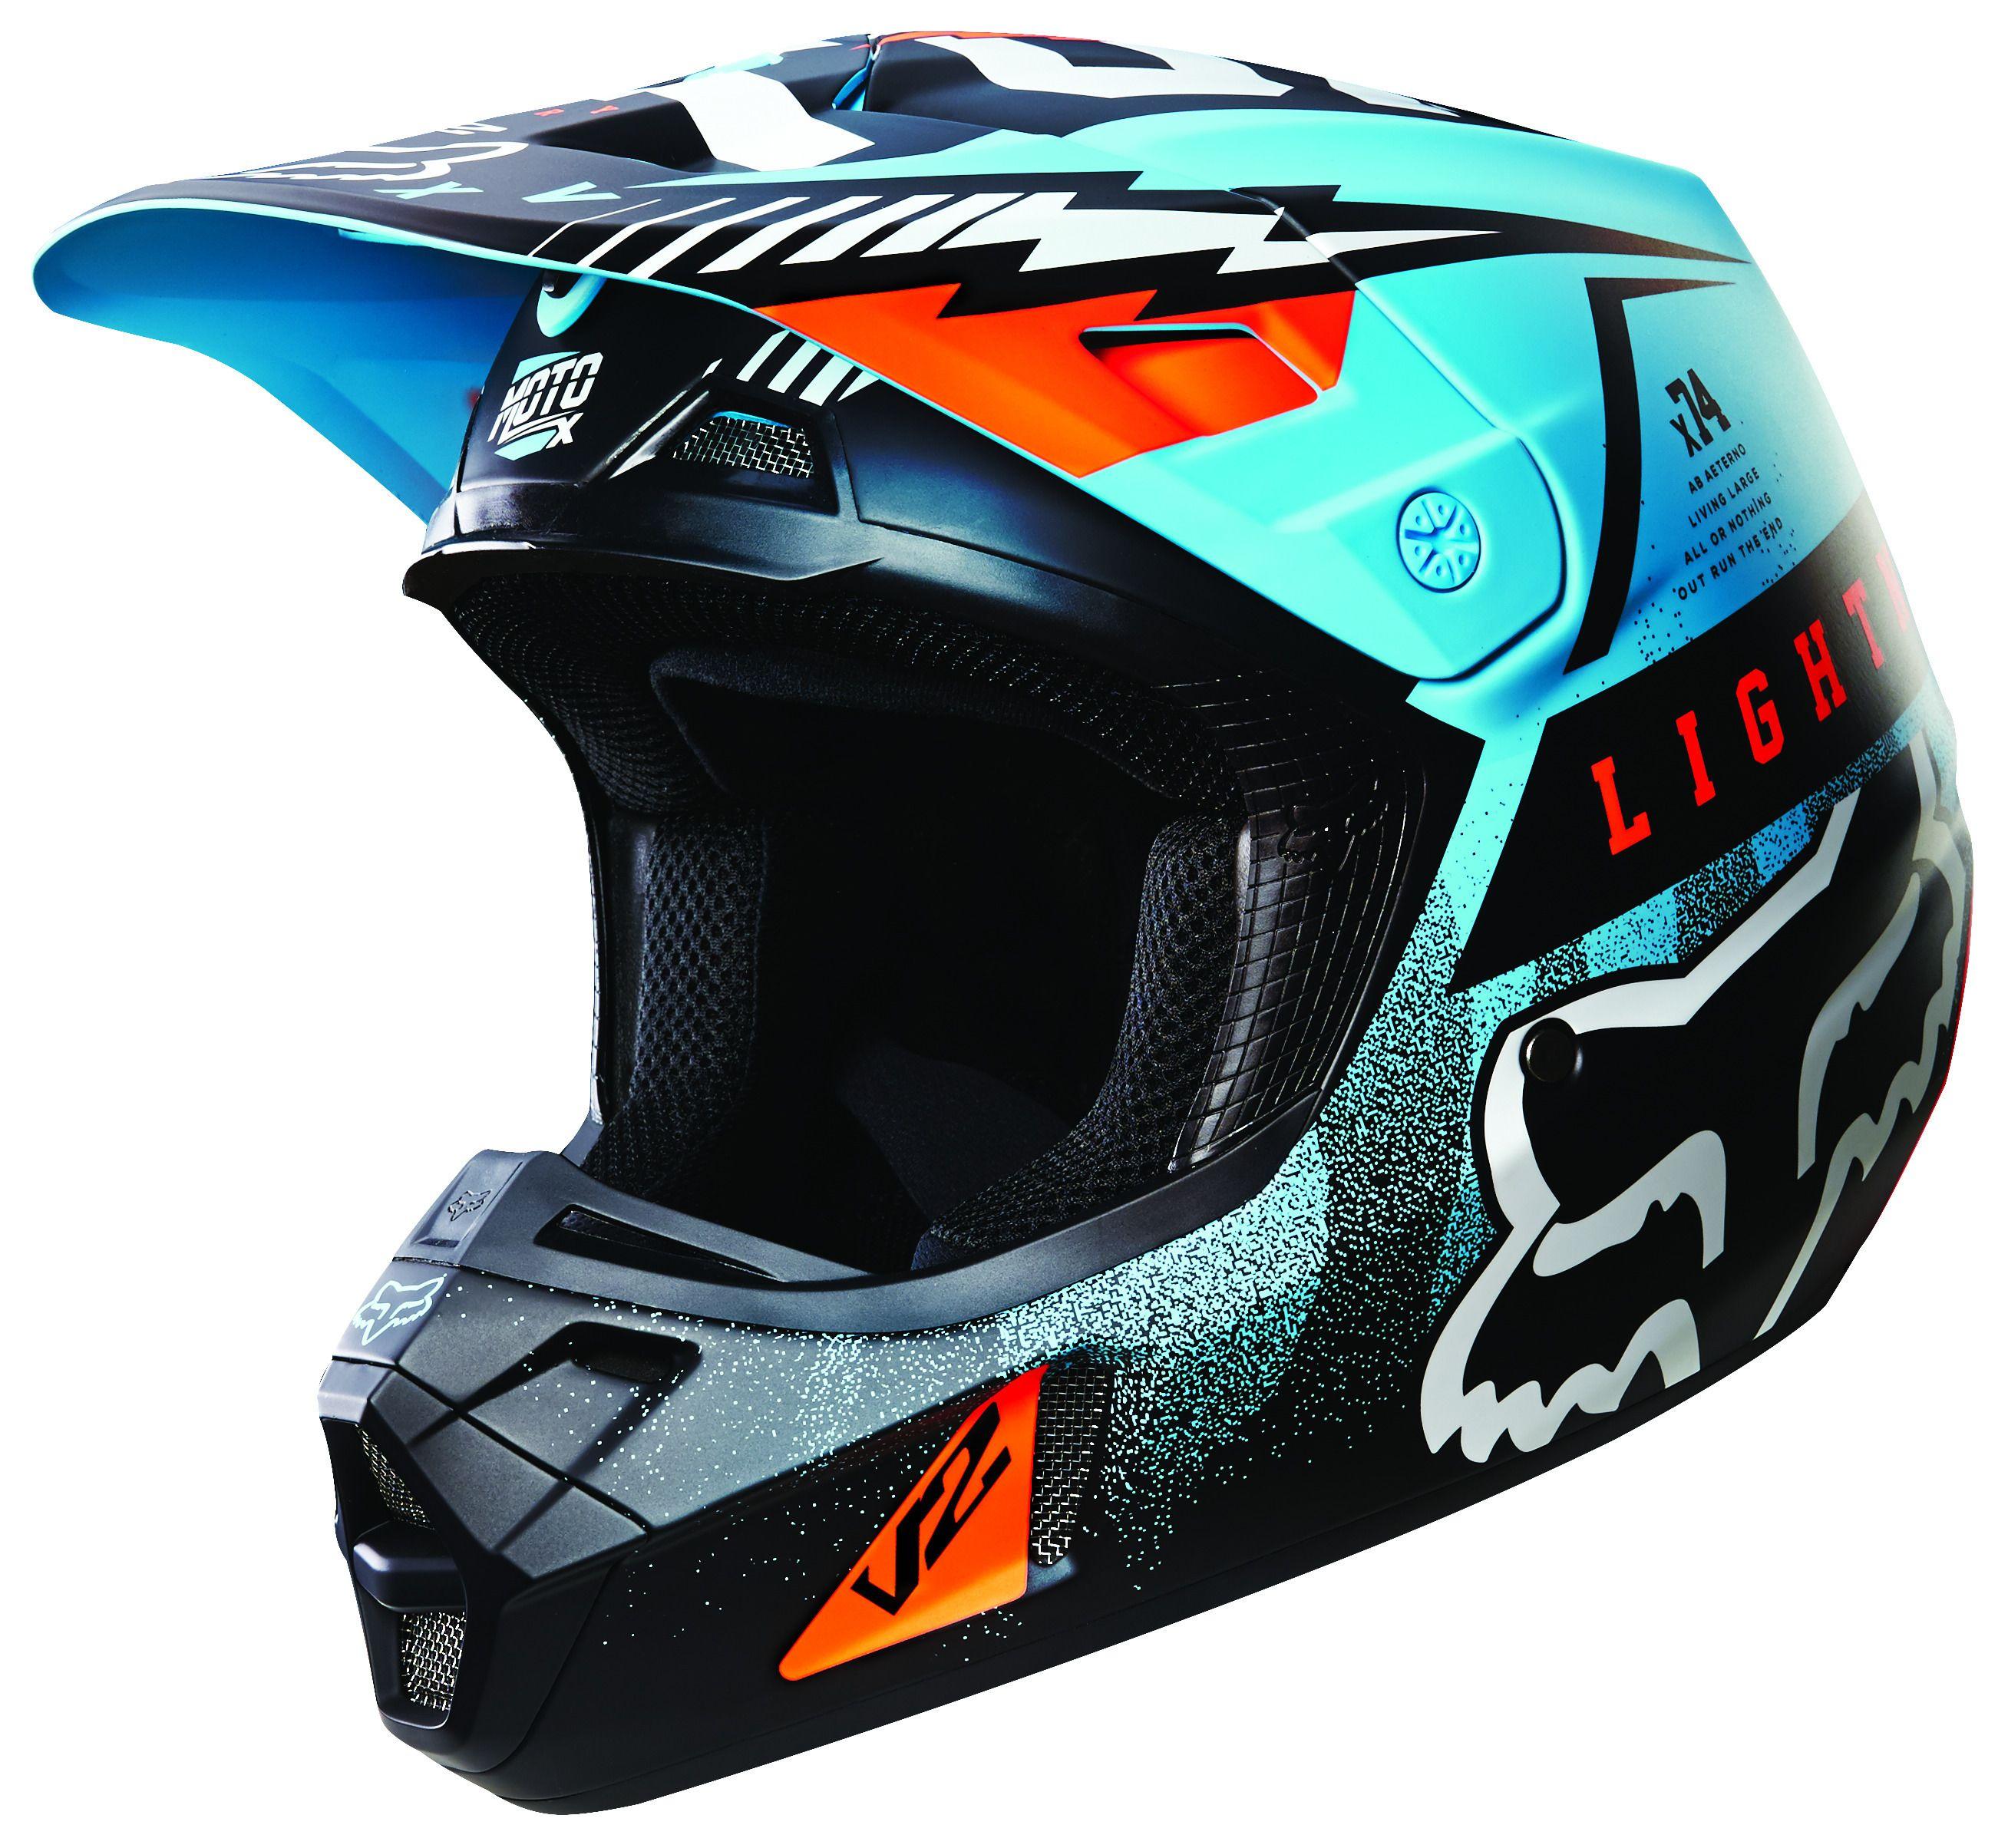 fox racing v2 vicious helmet 30 off revzilla. Black Bedroom Furniture Sets. Home Design Ideas